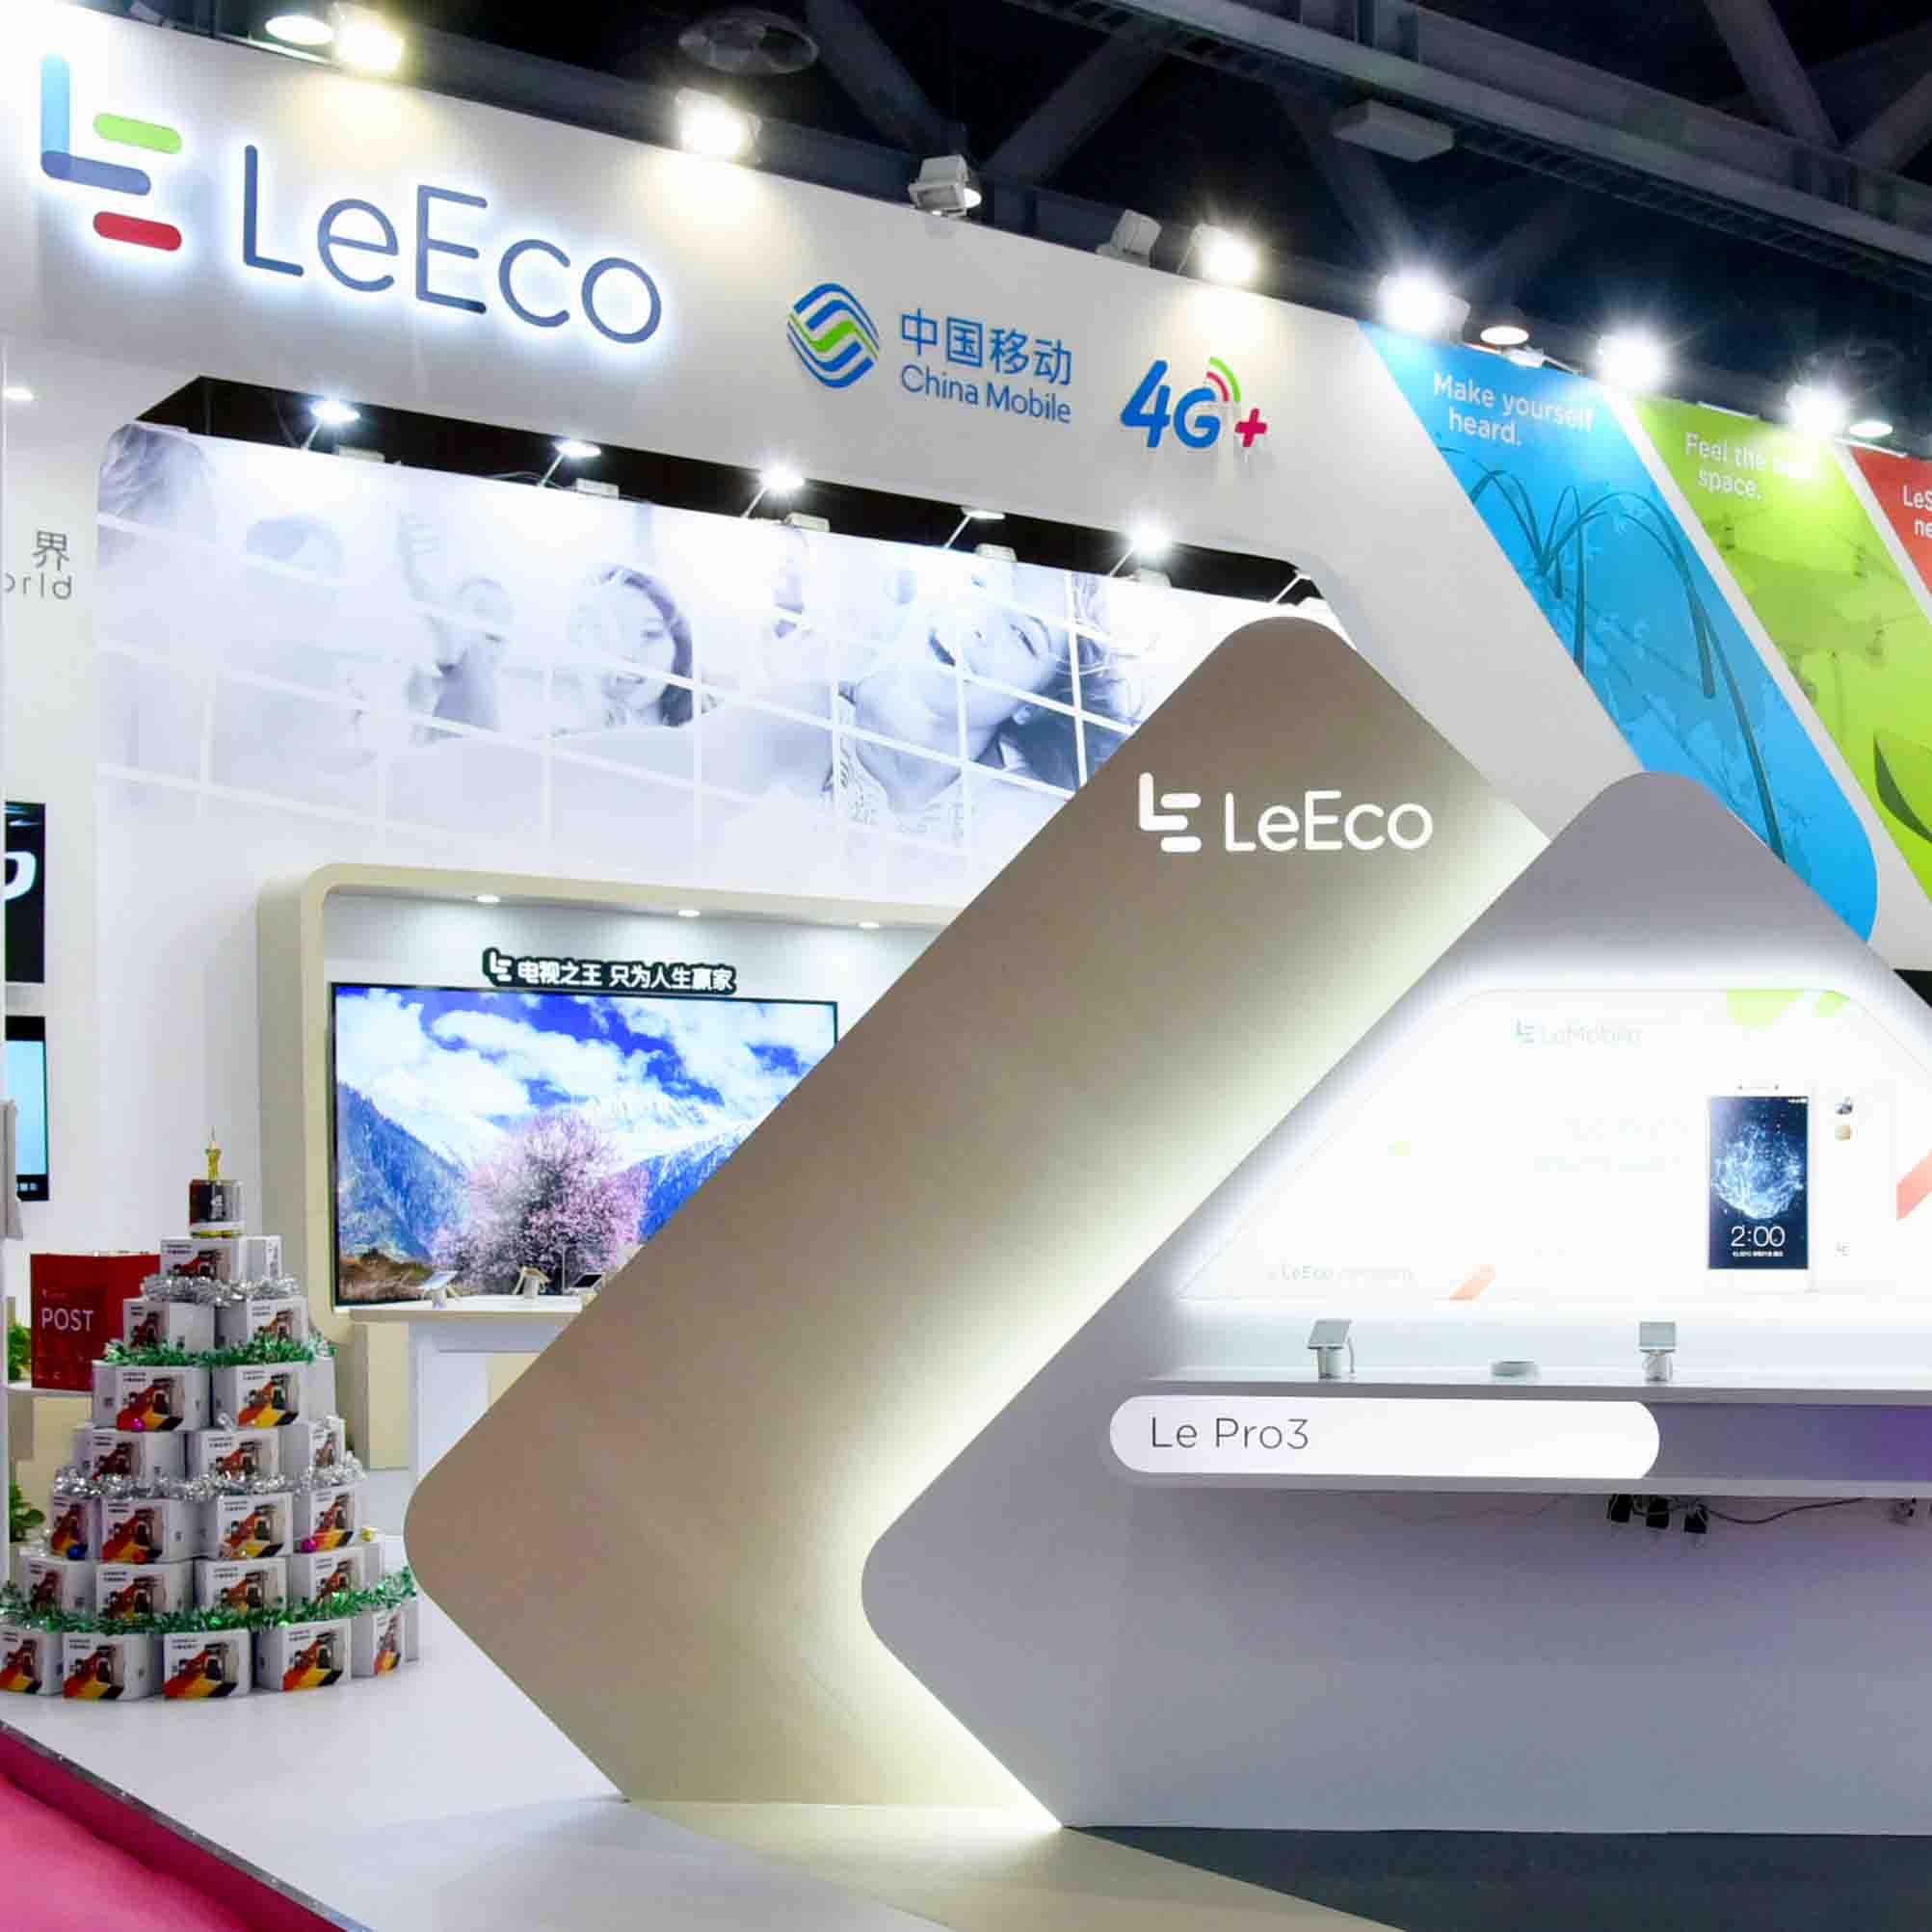 2016年第四届中国移动全球合作伙伴大会